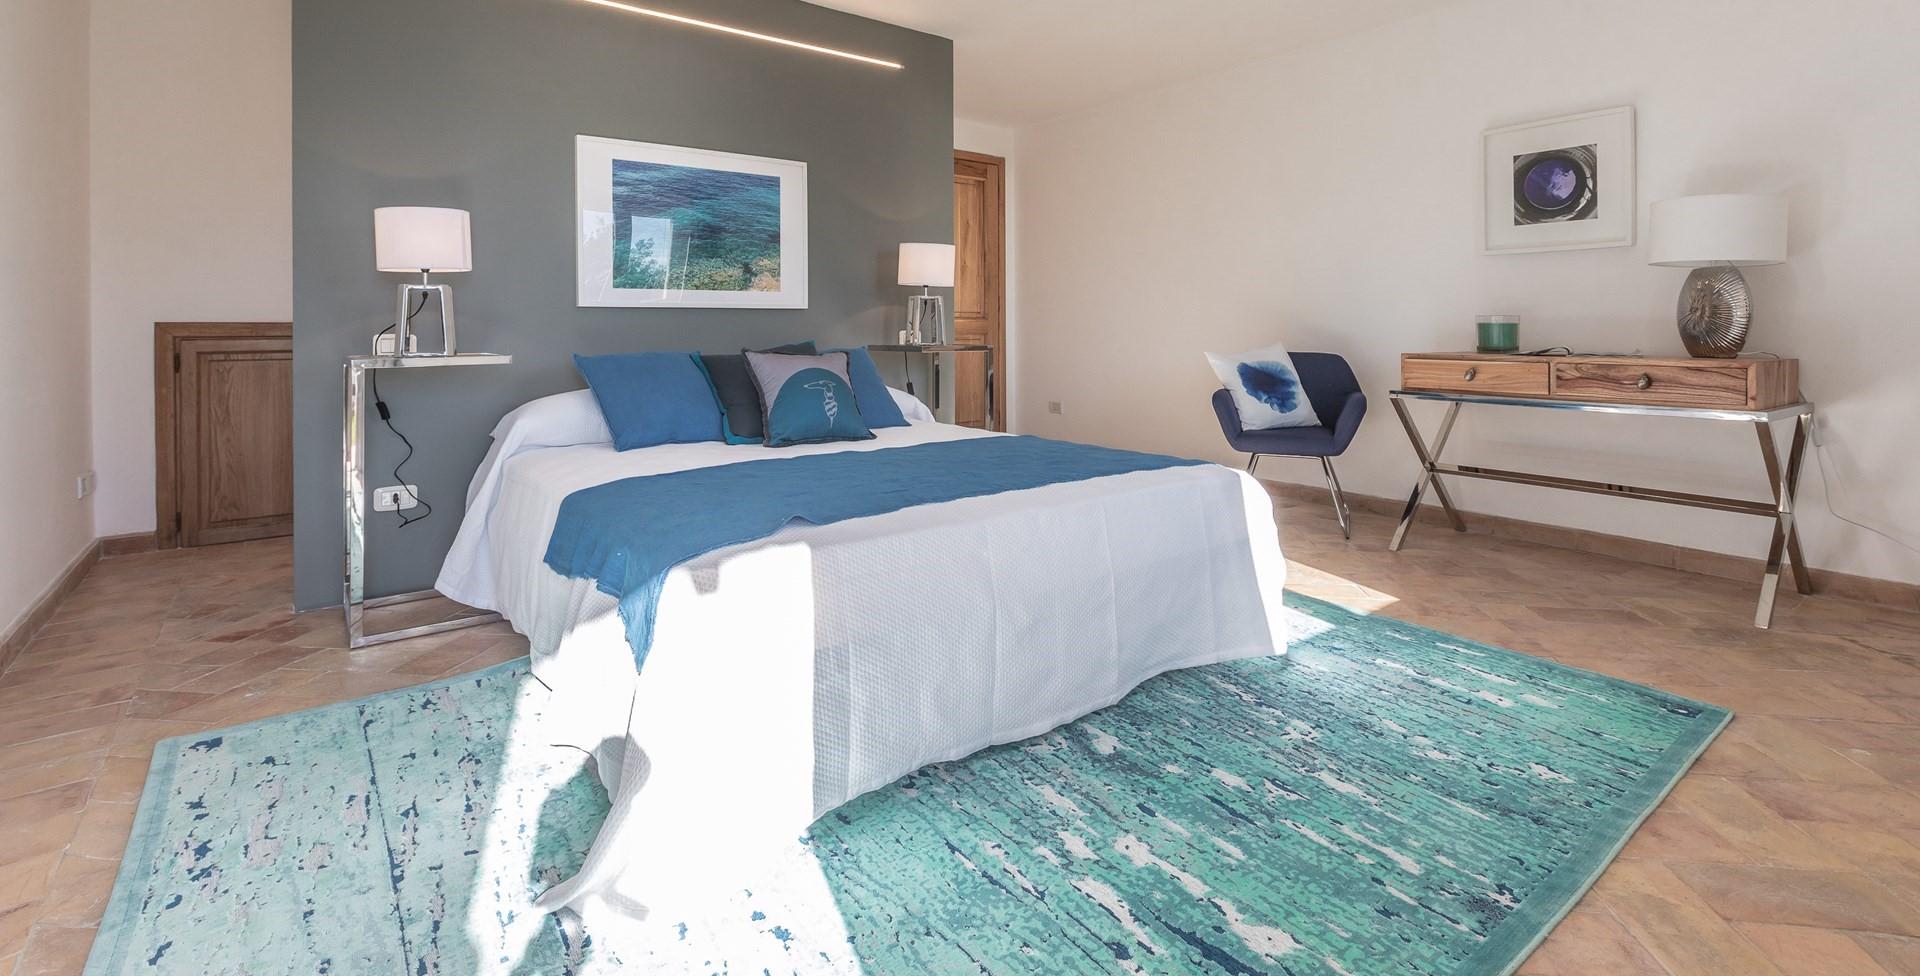 villa-vista-giglio-tuscany-bedroom4